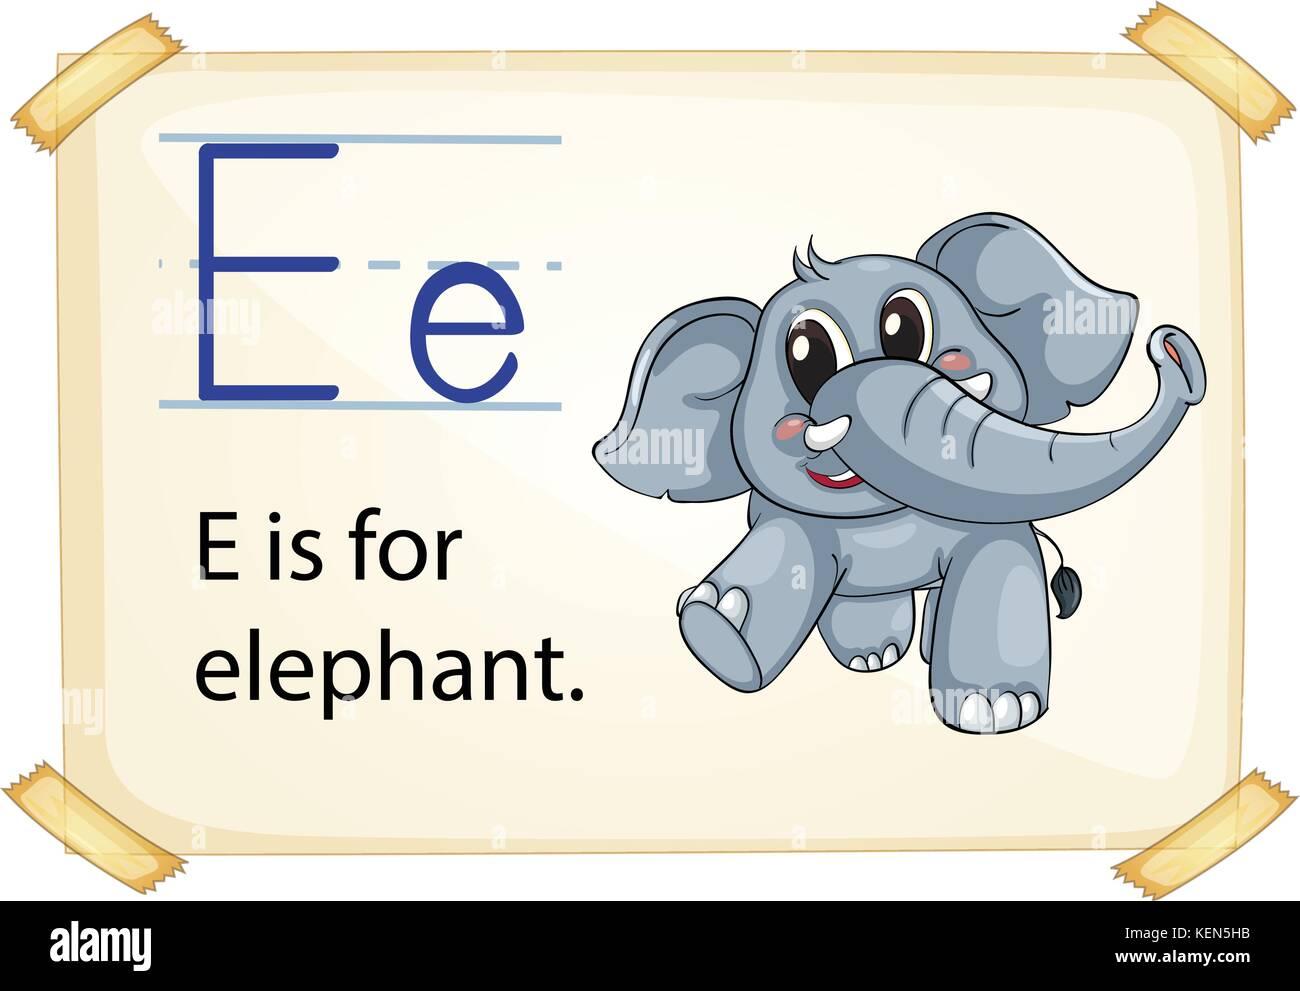 Illustration of e for elephant - Stock Vector